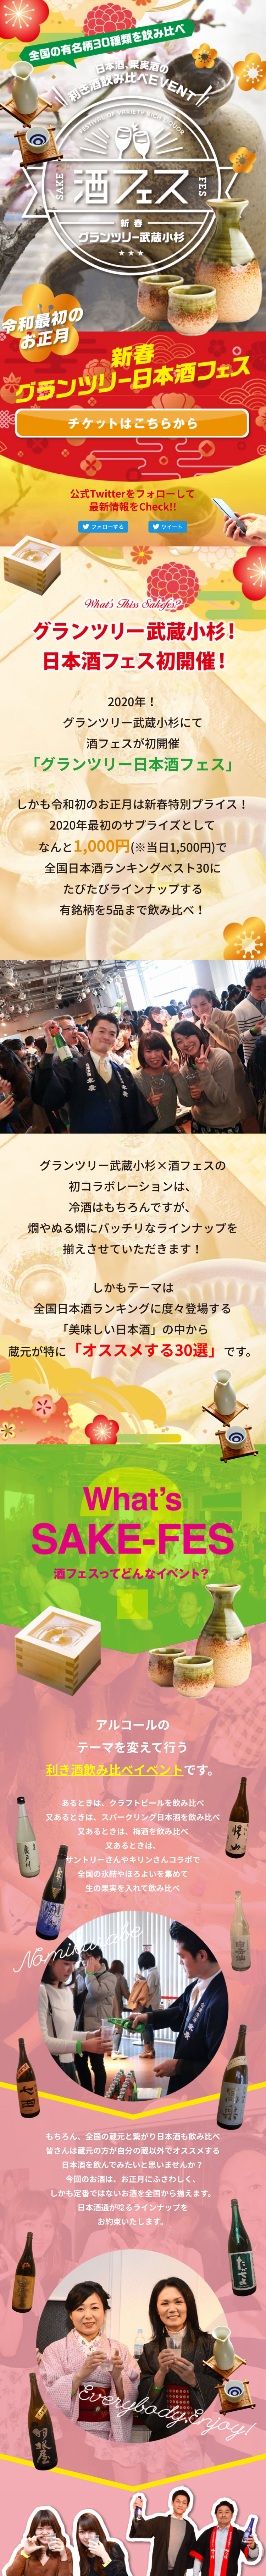 グランツリー 日本酒フェス